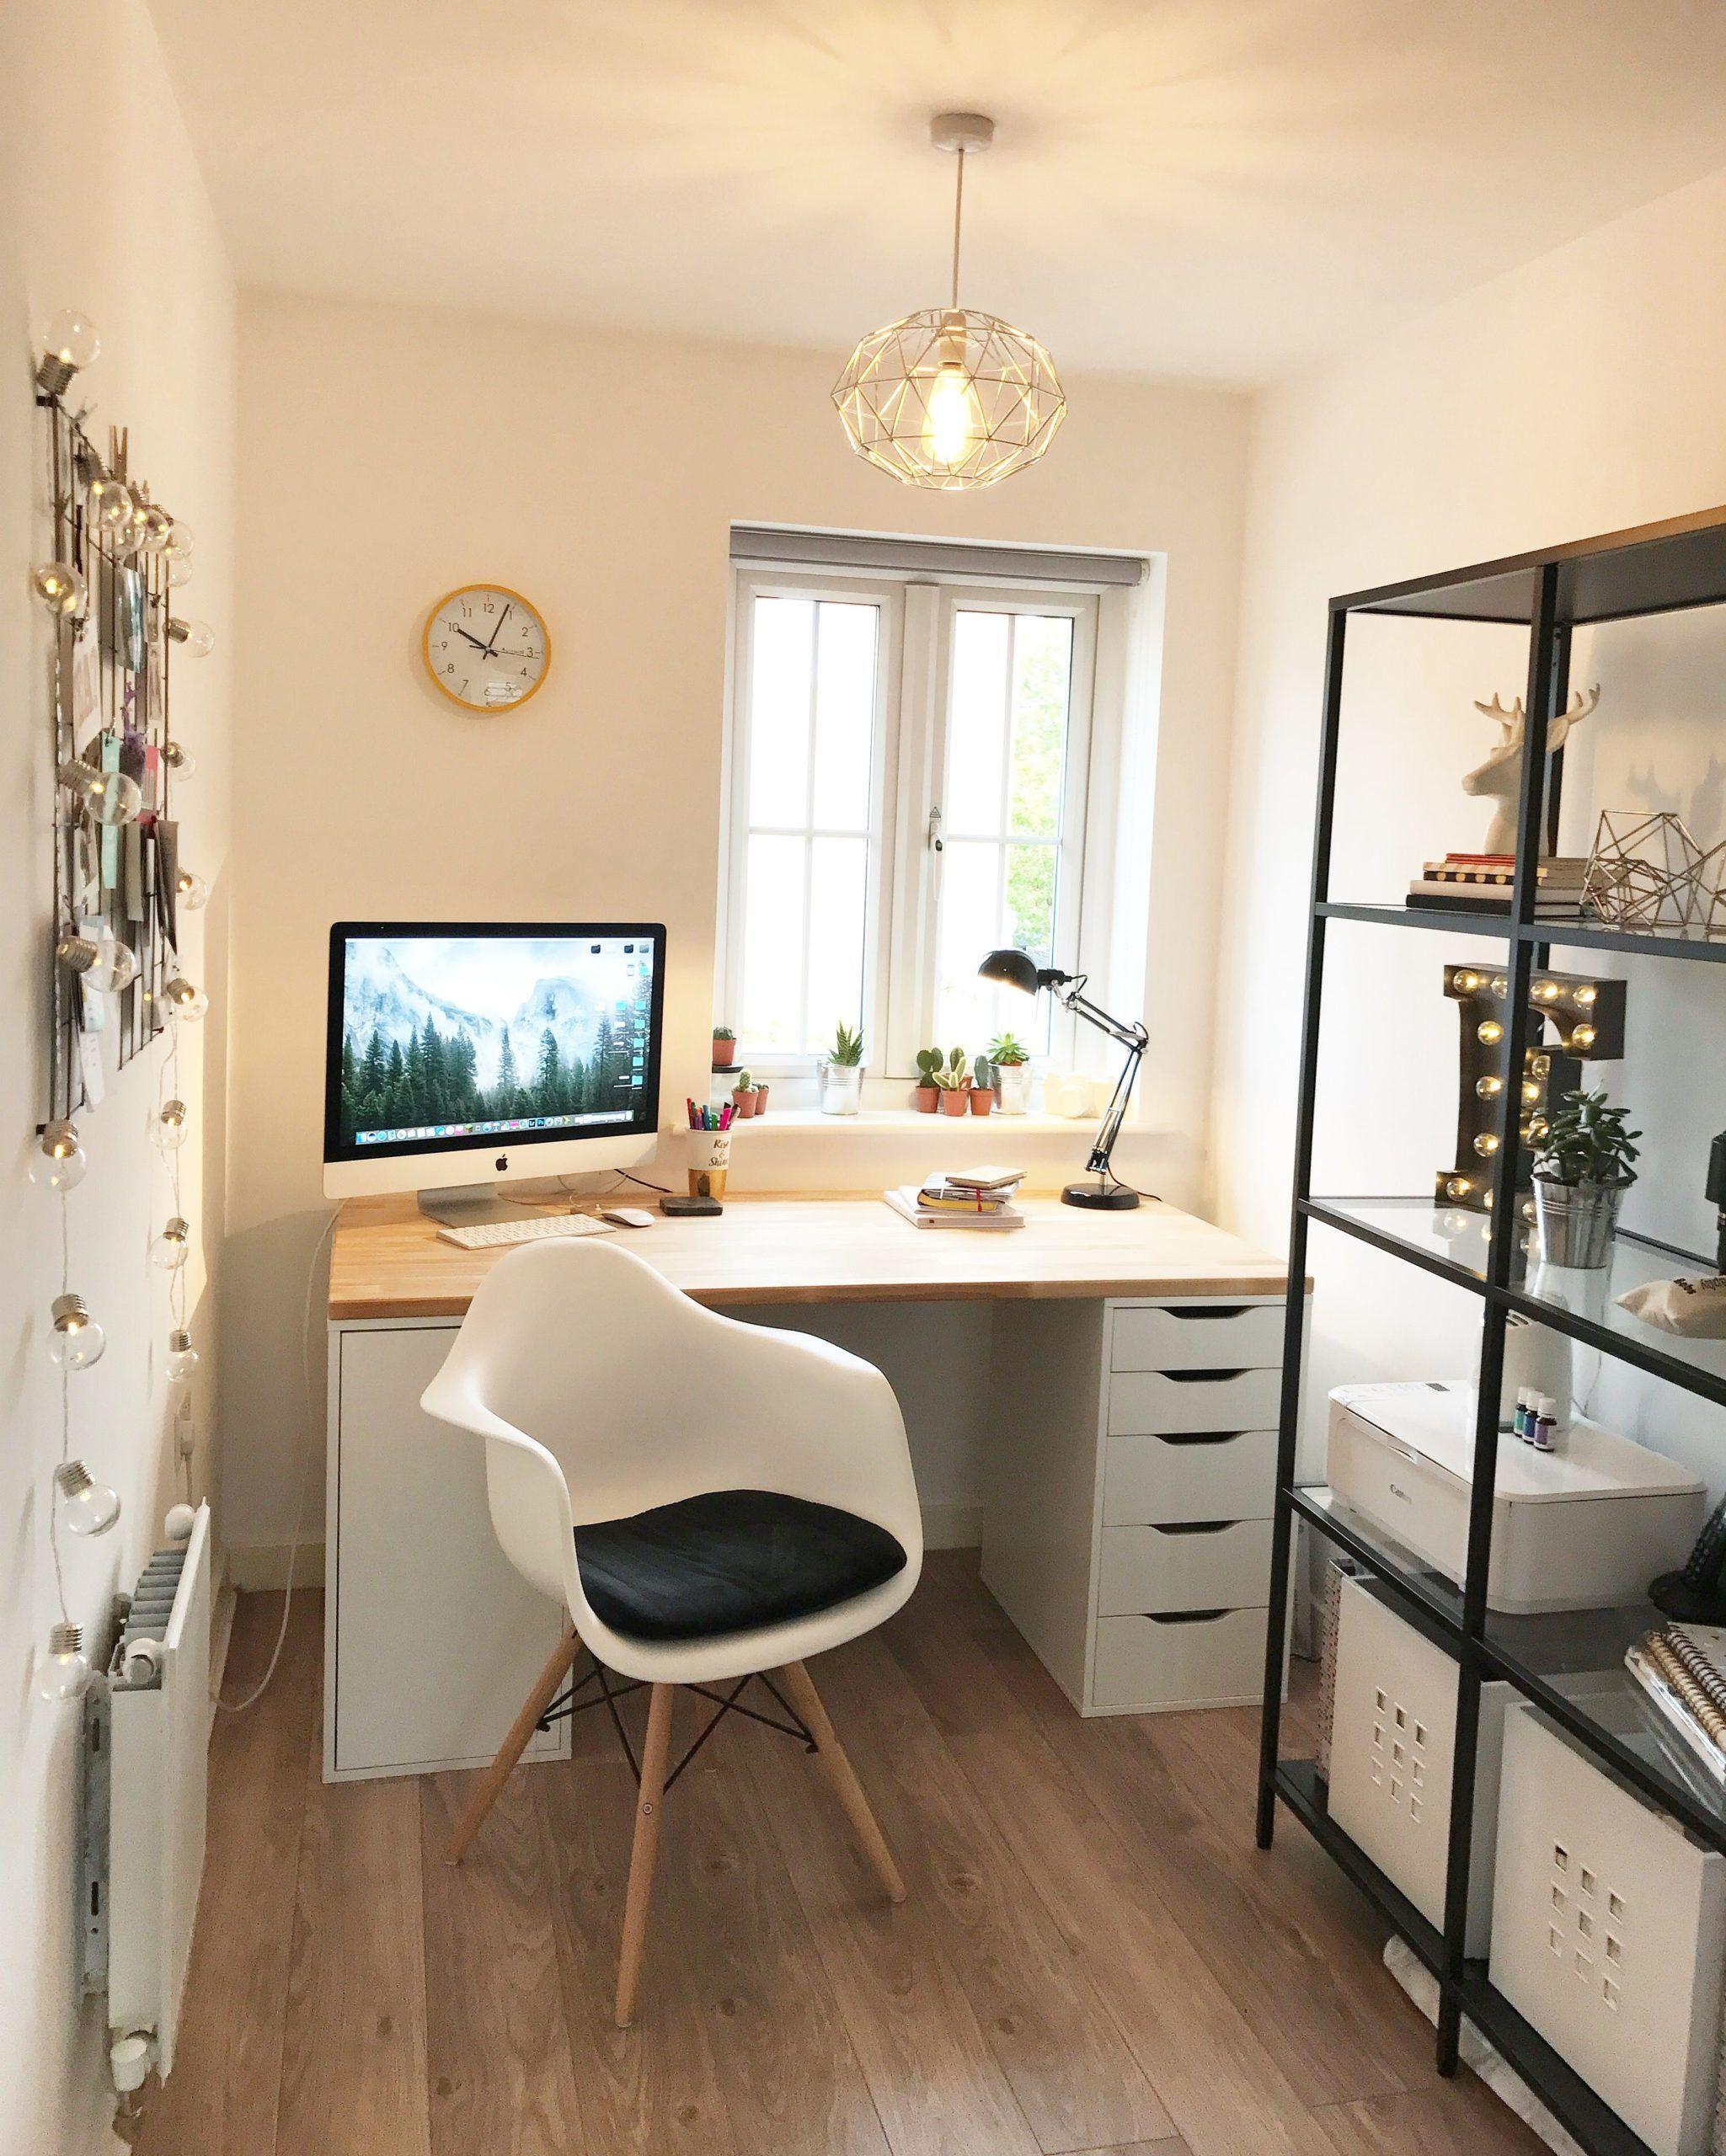 Ikea Gerton Schreibtisch In 2021 Schreibtischideen Schreibtisch Inspiration Wohnung Renovierung